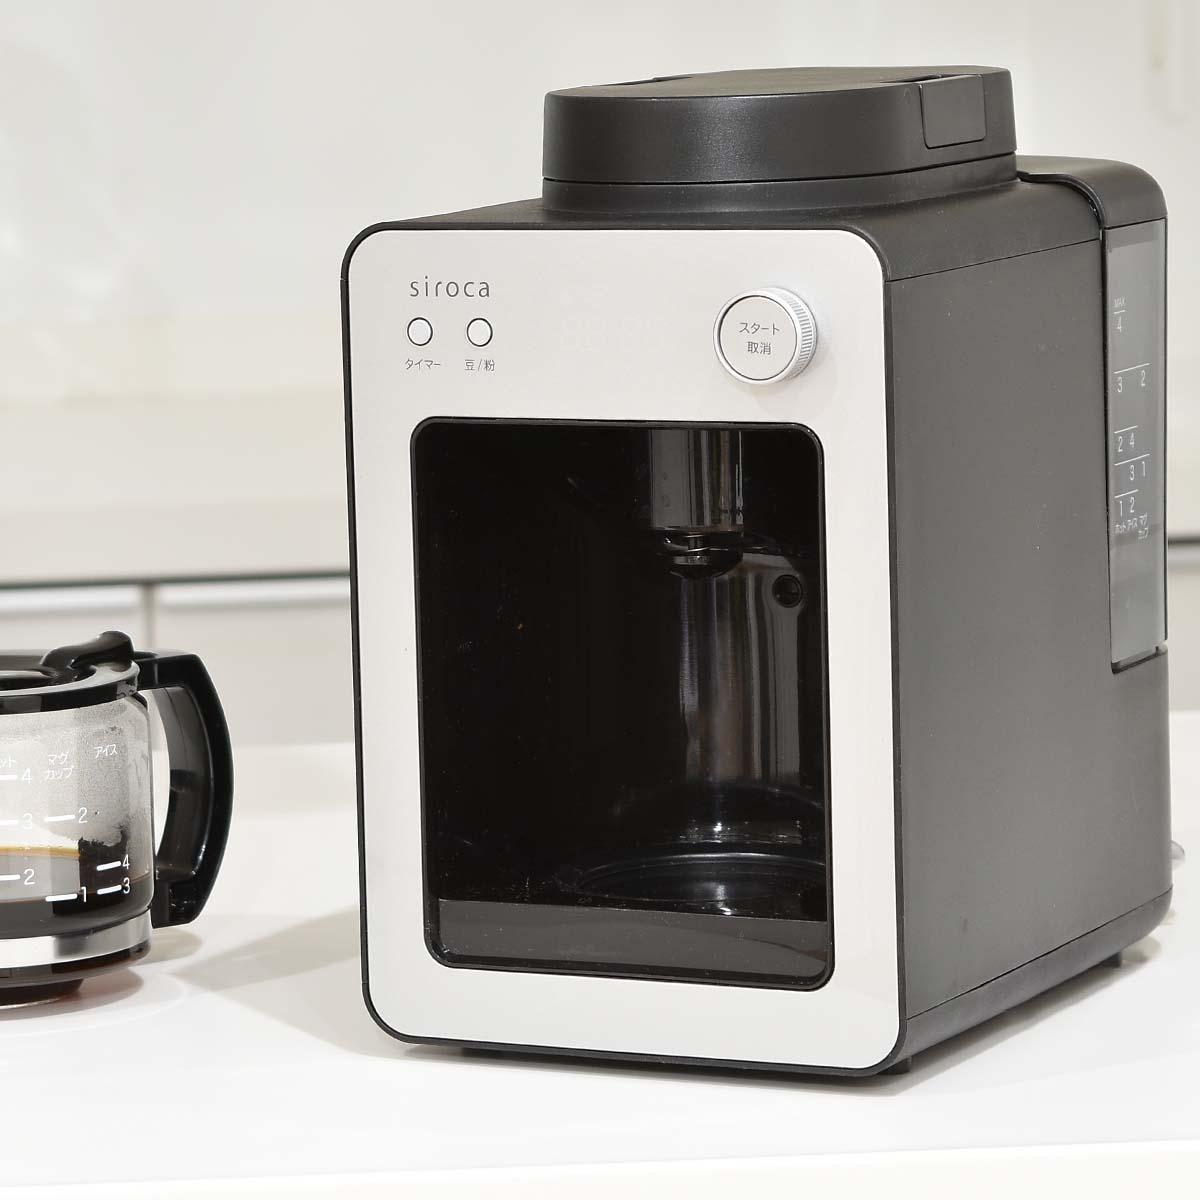 ヒットの予感! シロカの全自動コーヒーメーカーの新モデル「カフェばこ」